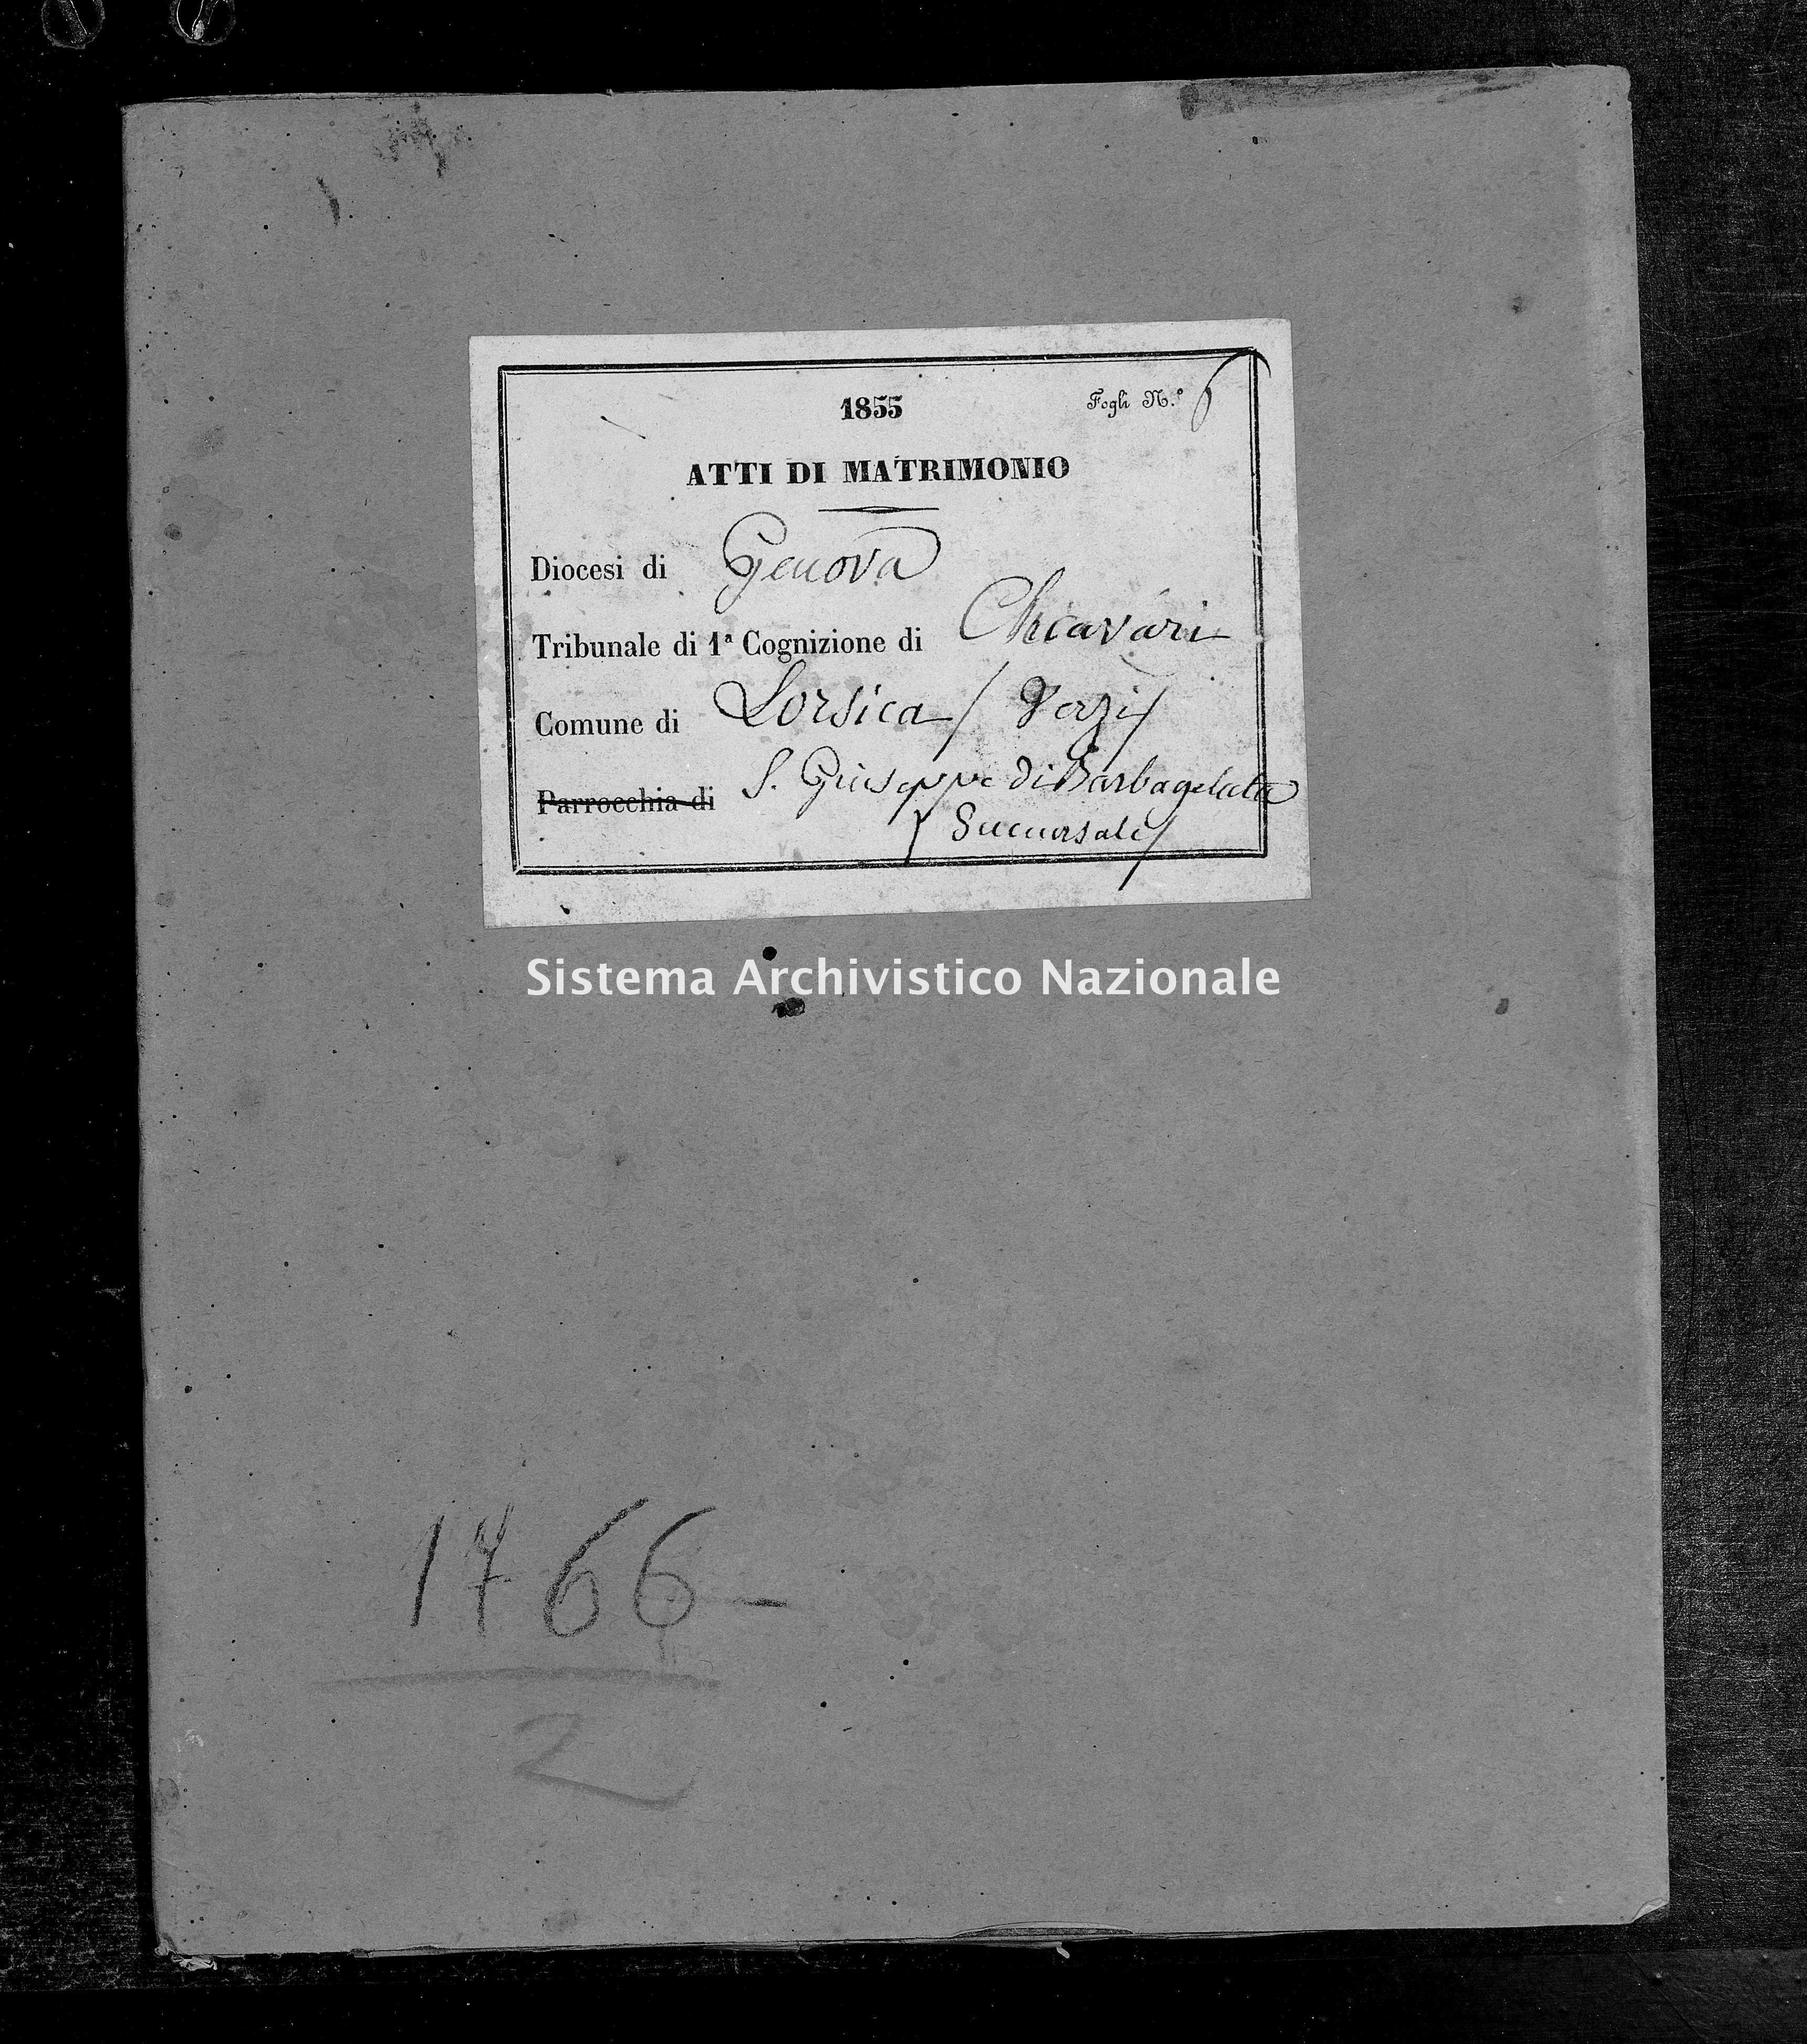 Archivio di stato di Genova - Stato civile della restaurazione - Verzi-(Parrocchia-di-San-Giuseppe-di-Barbagelata) - Matrimoni - 1855 - 100-101 -